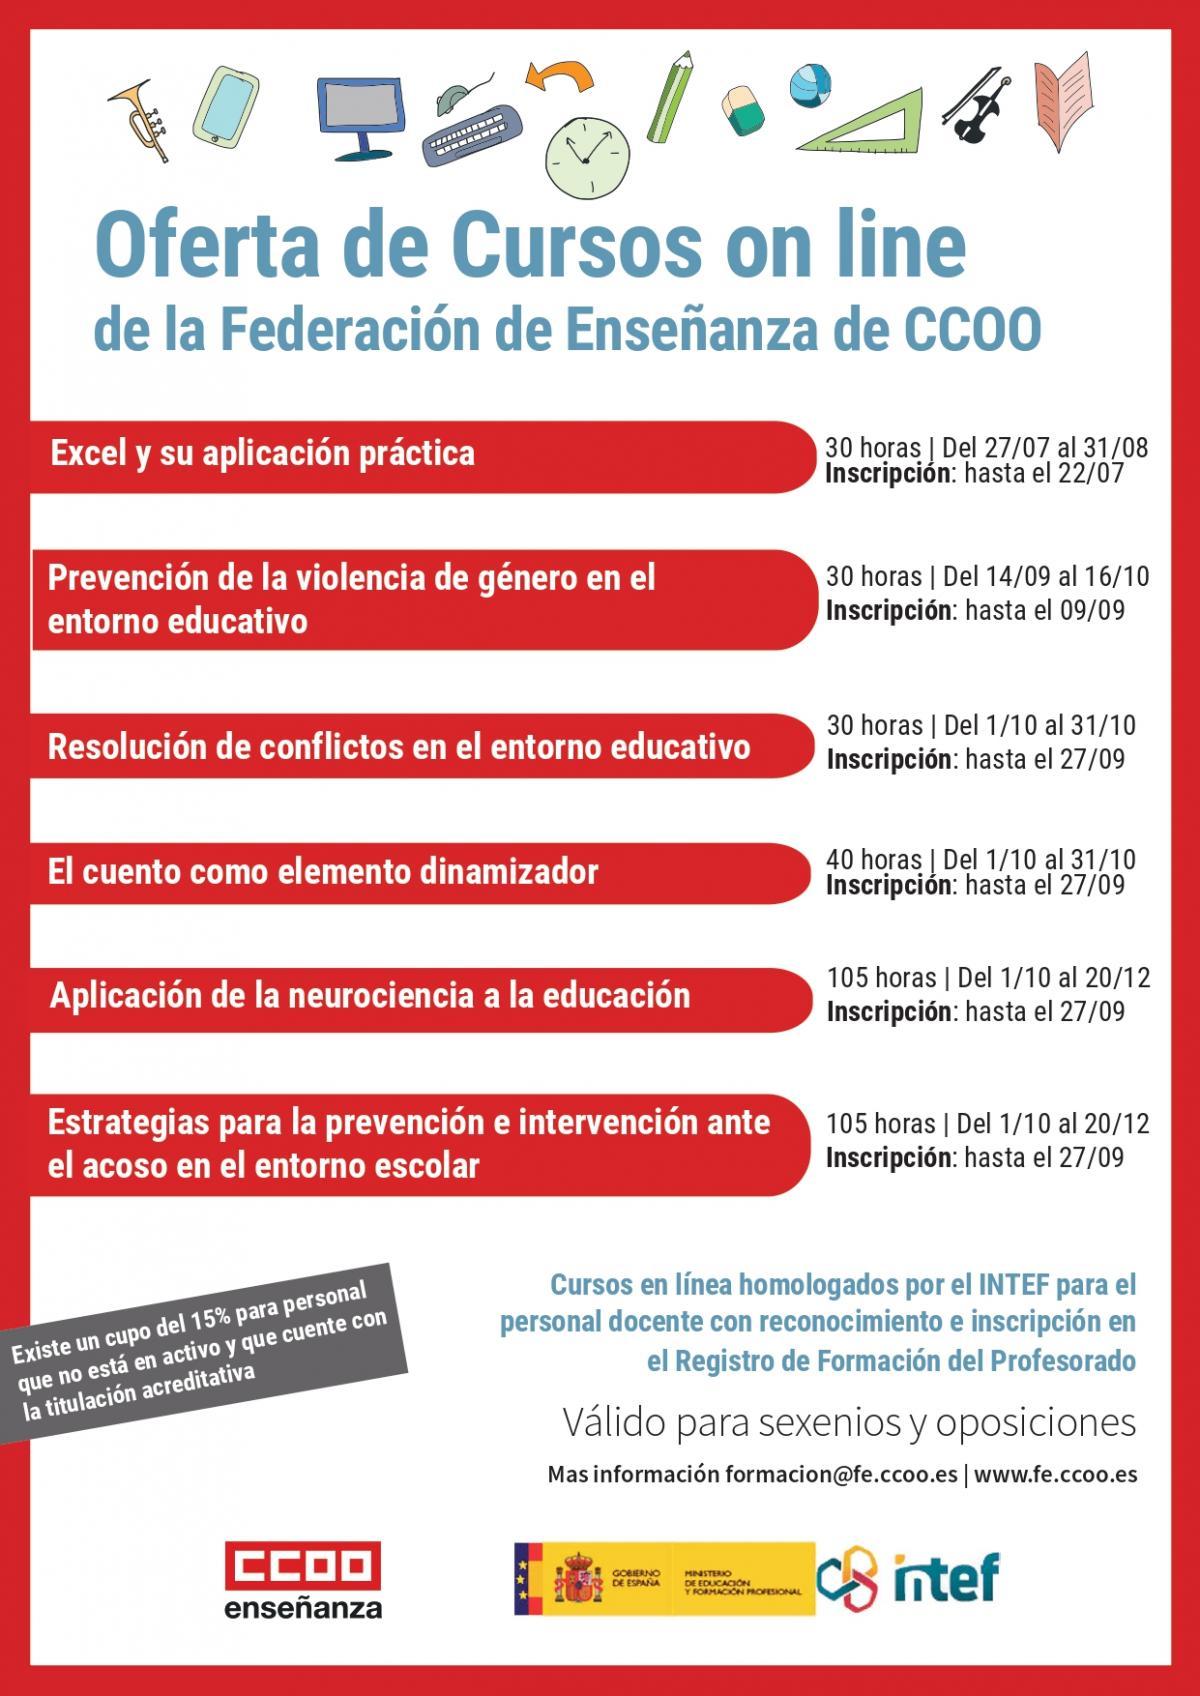 Apúntate a los próximos cursos en línea de FECCOO